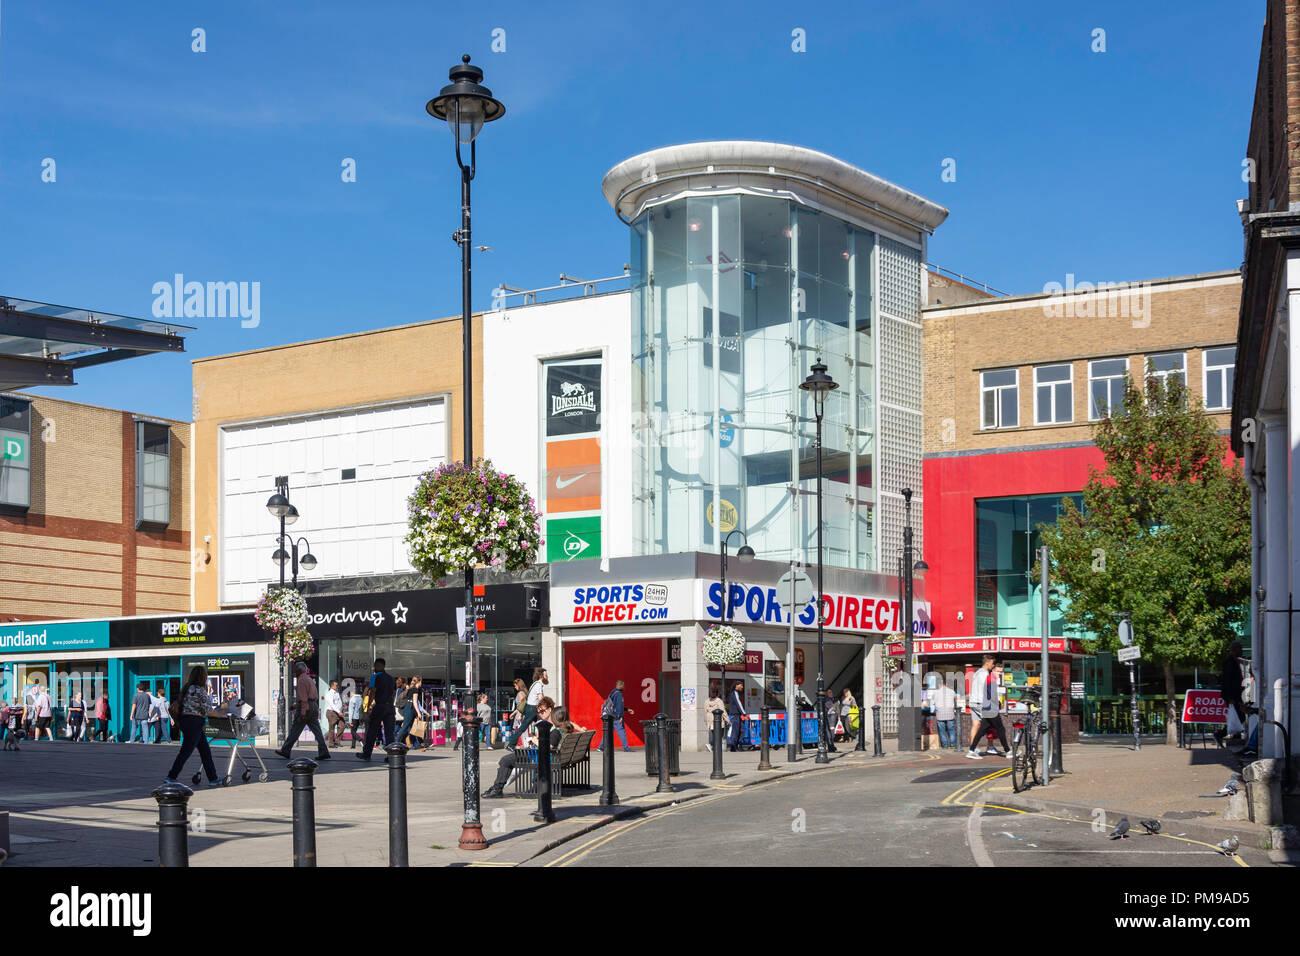 High Street, Uxbridge, London Borough of Hillingdon, Greater London, England, United Kingdom - Stock Image